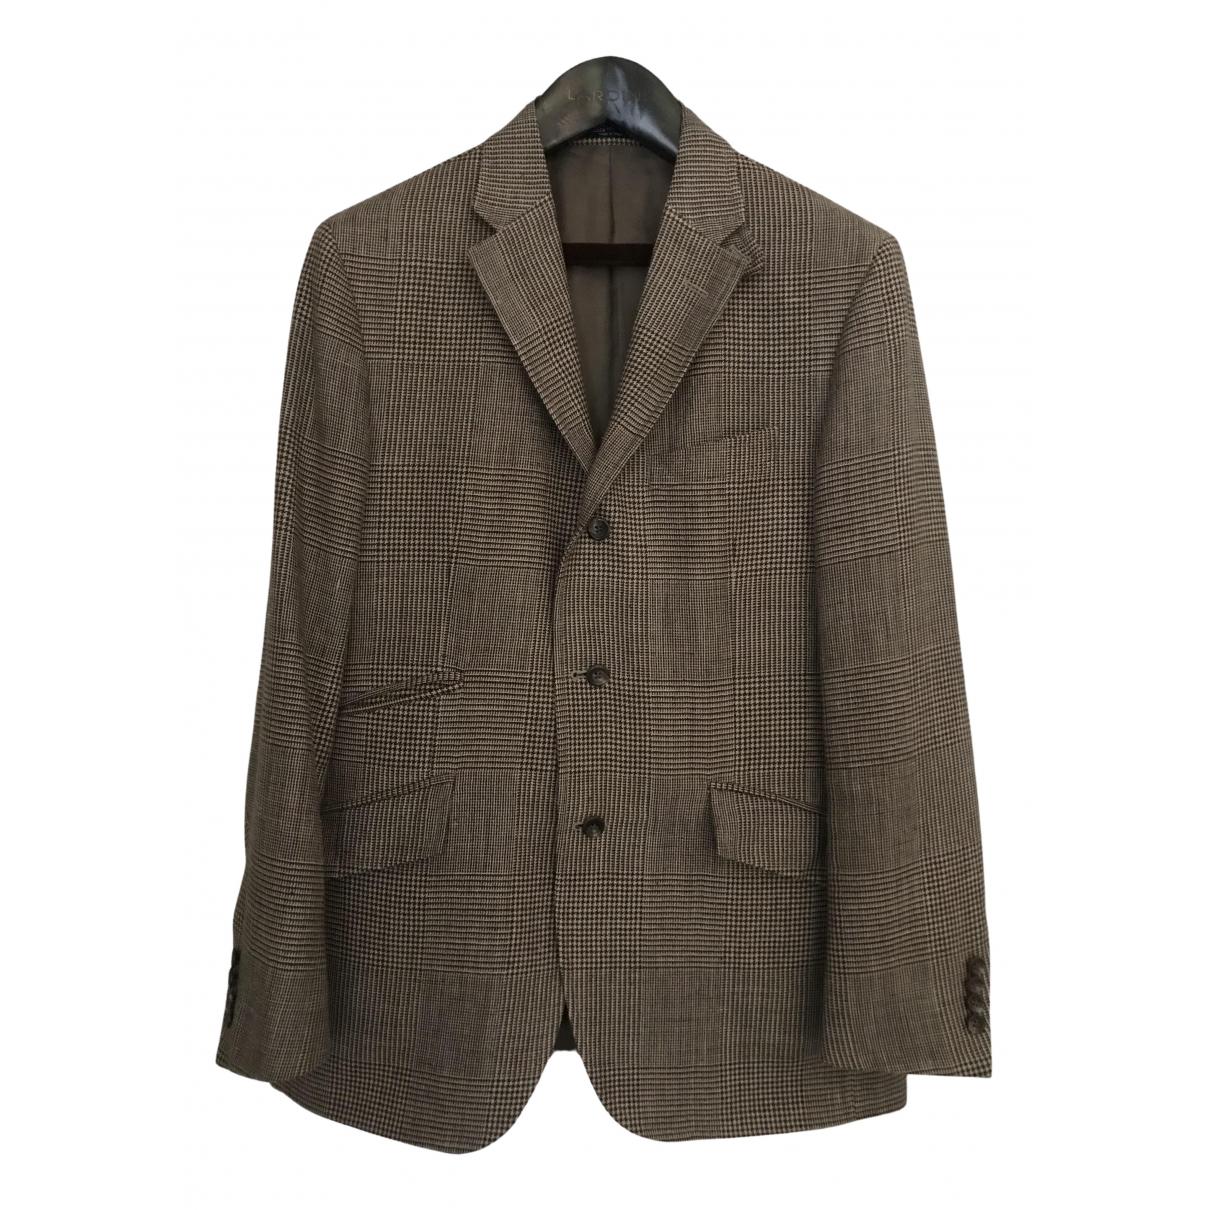 Polo Ralph Lauren \N Jacke in  Beige Wolle